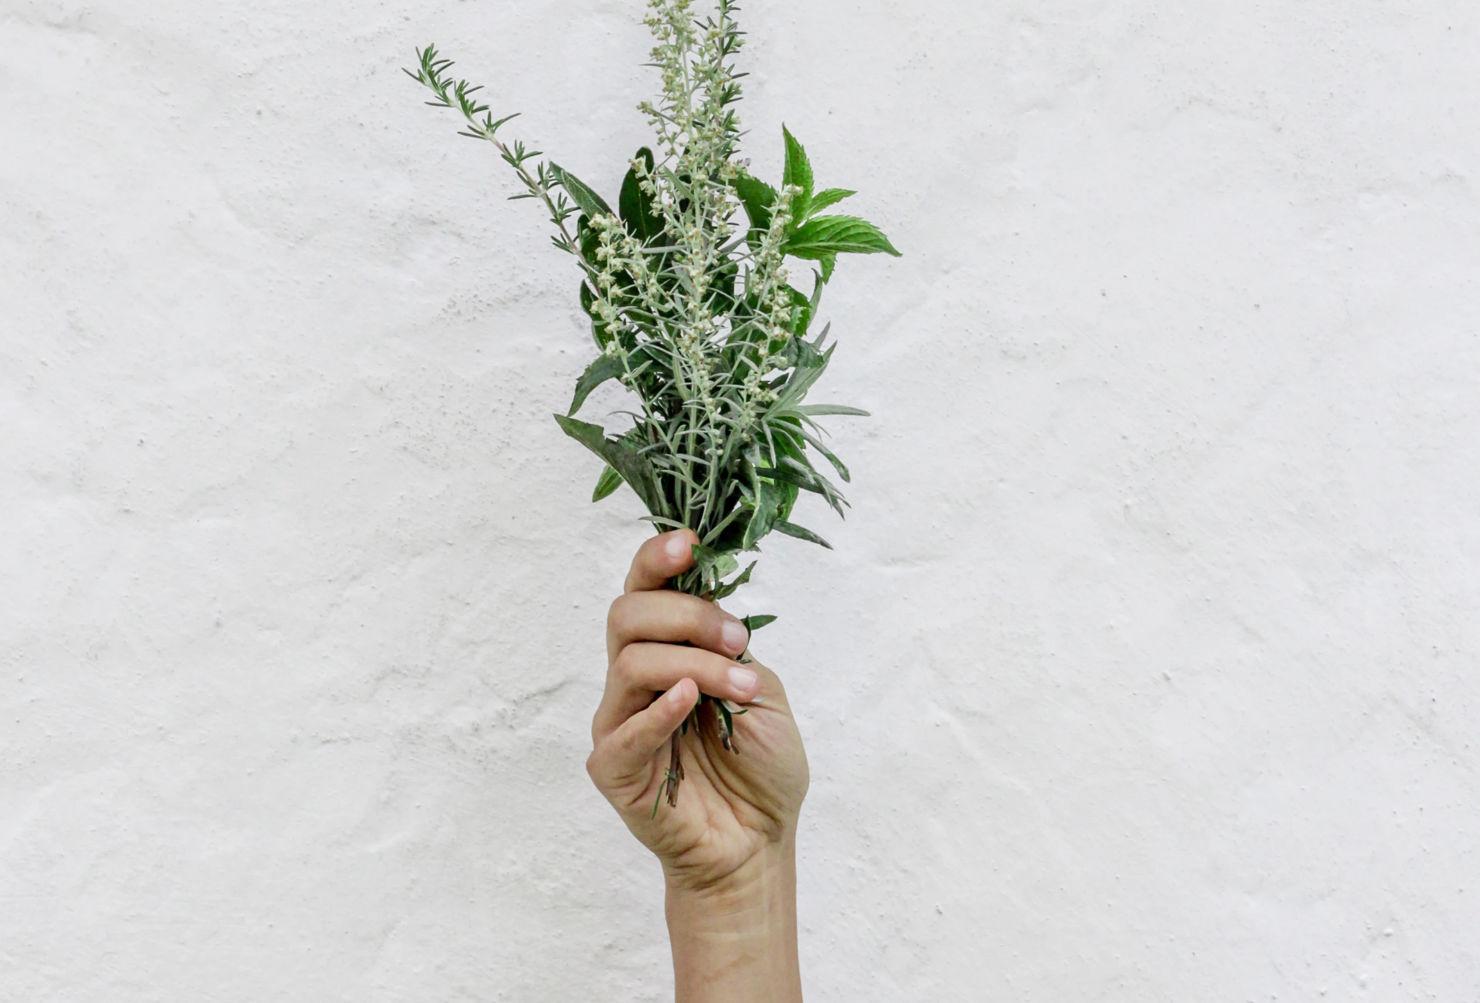 5 plantas antivirales que deberías conocer